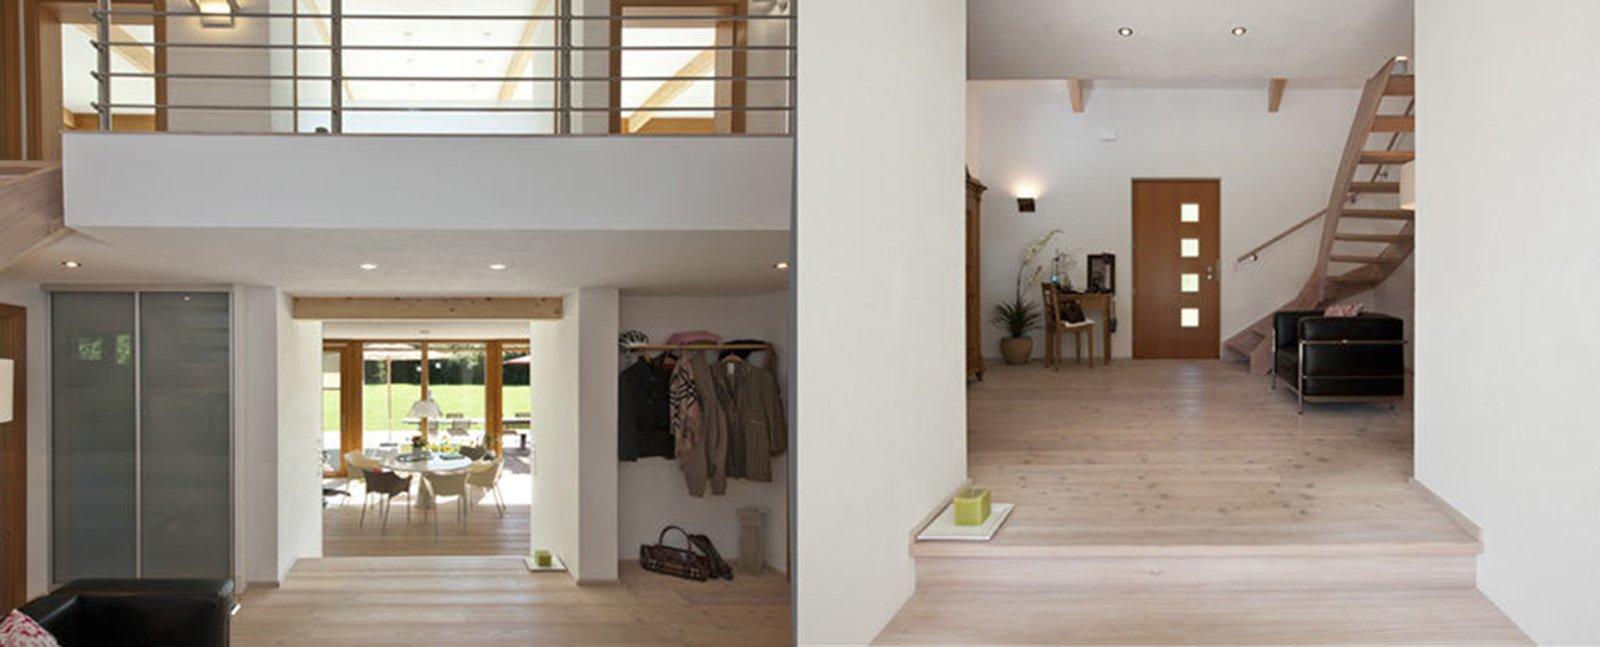 Casa bio rubner residenz3 cose di casa for Case di legno rubner